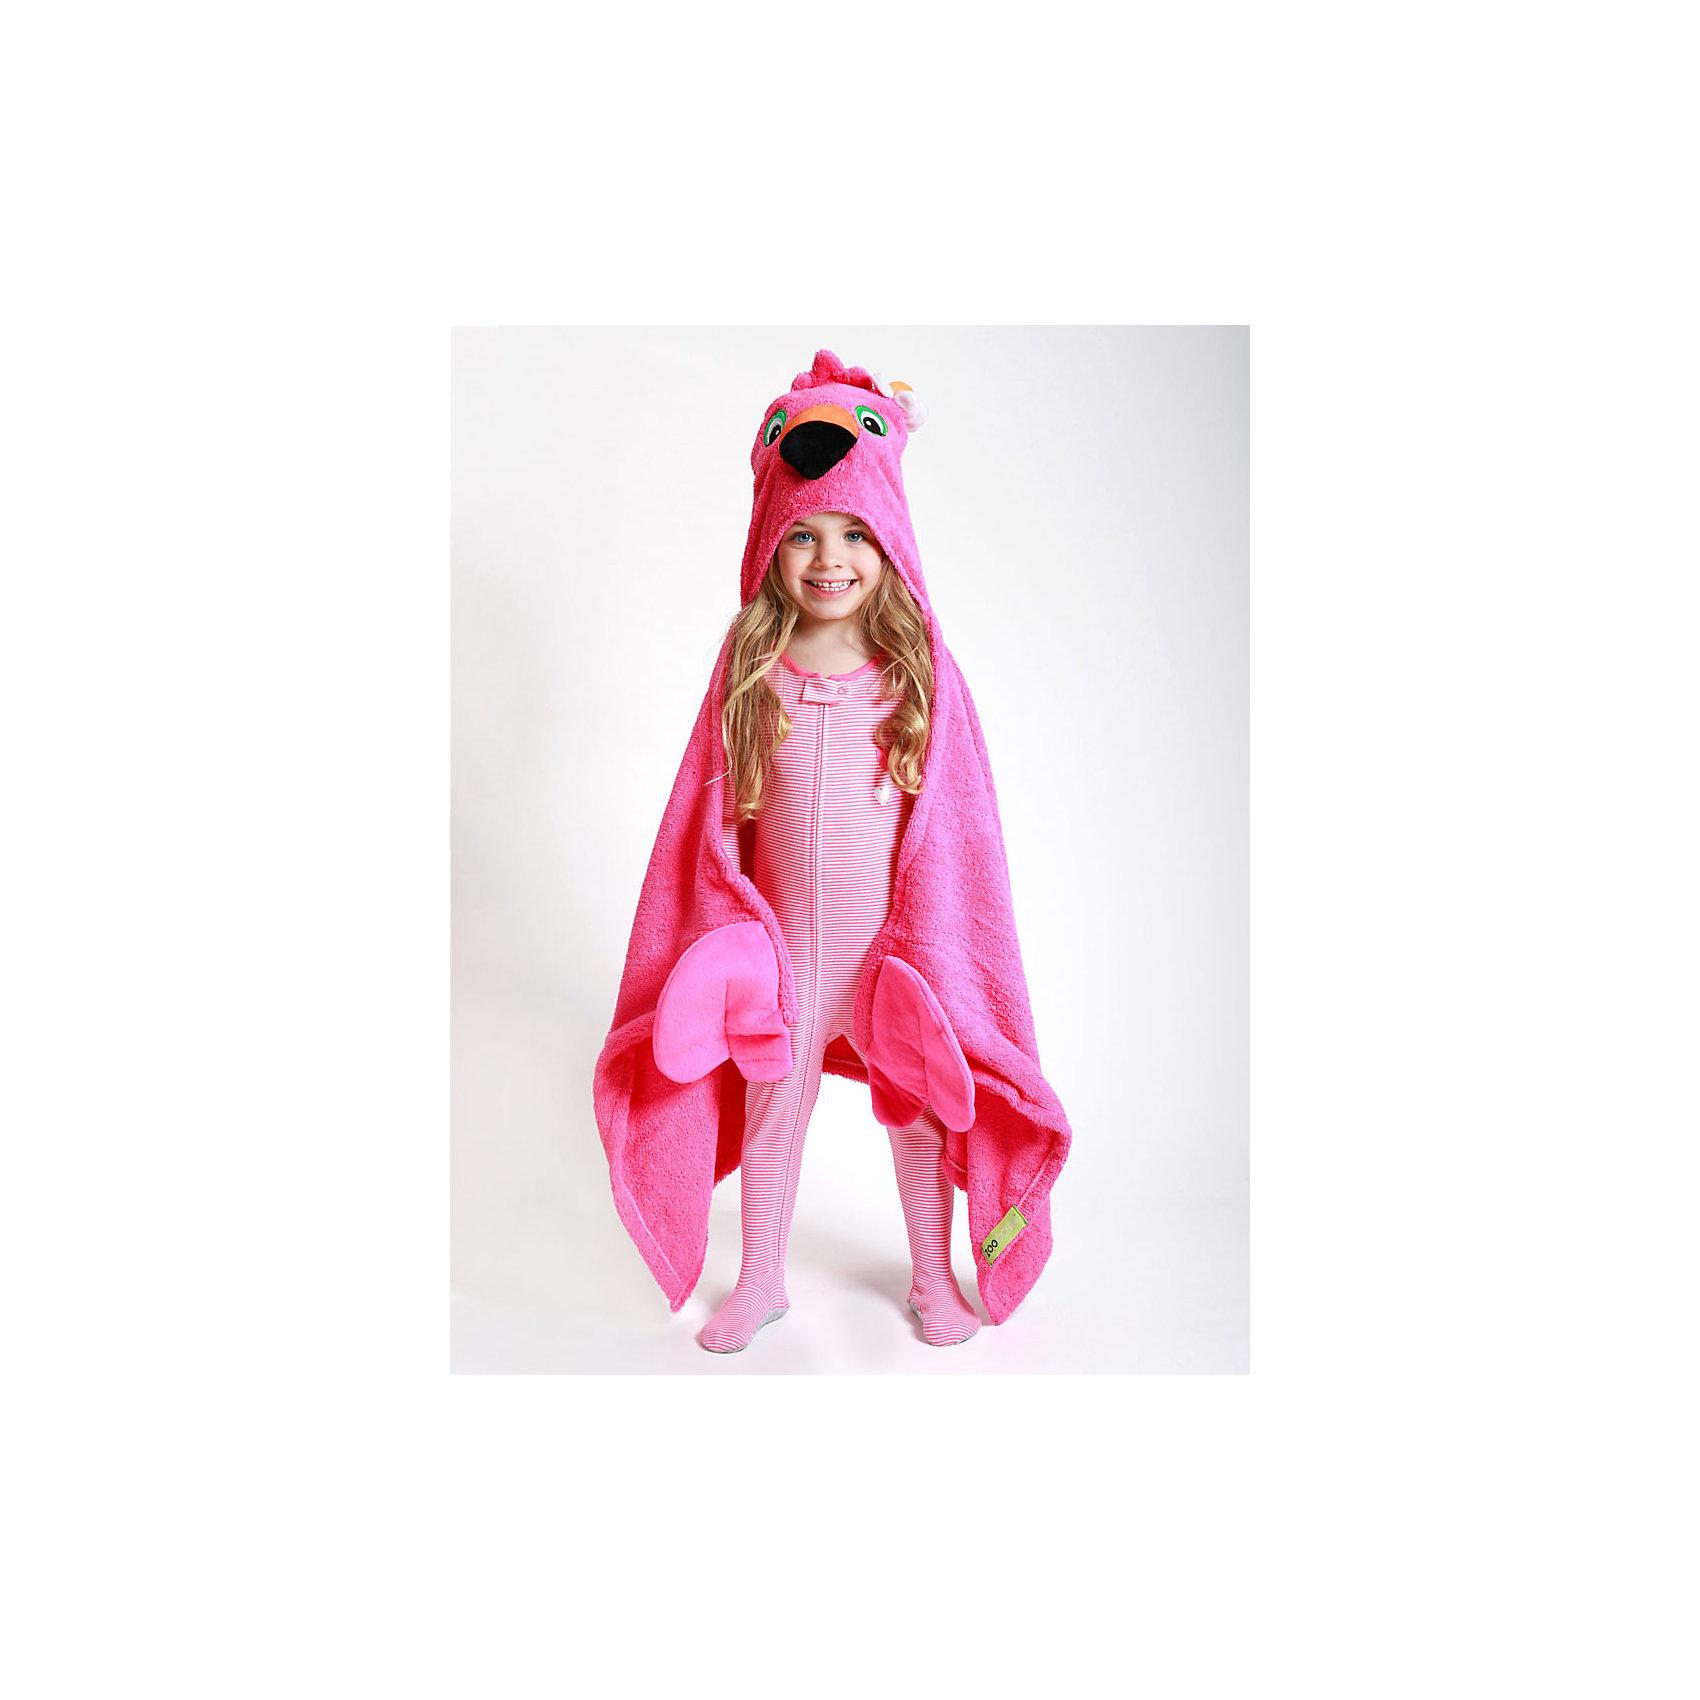 Полотенце с капюшоном Franny the Flamingo (от 2 лет), Zoocchini